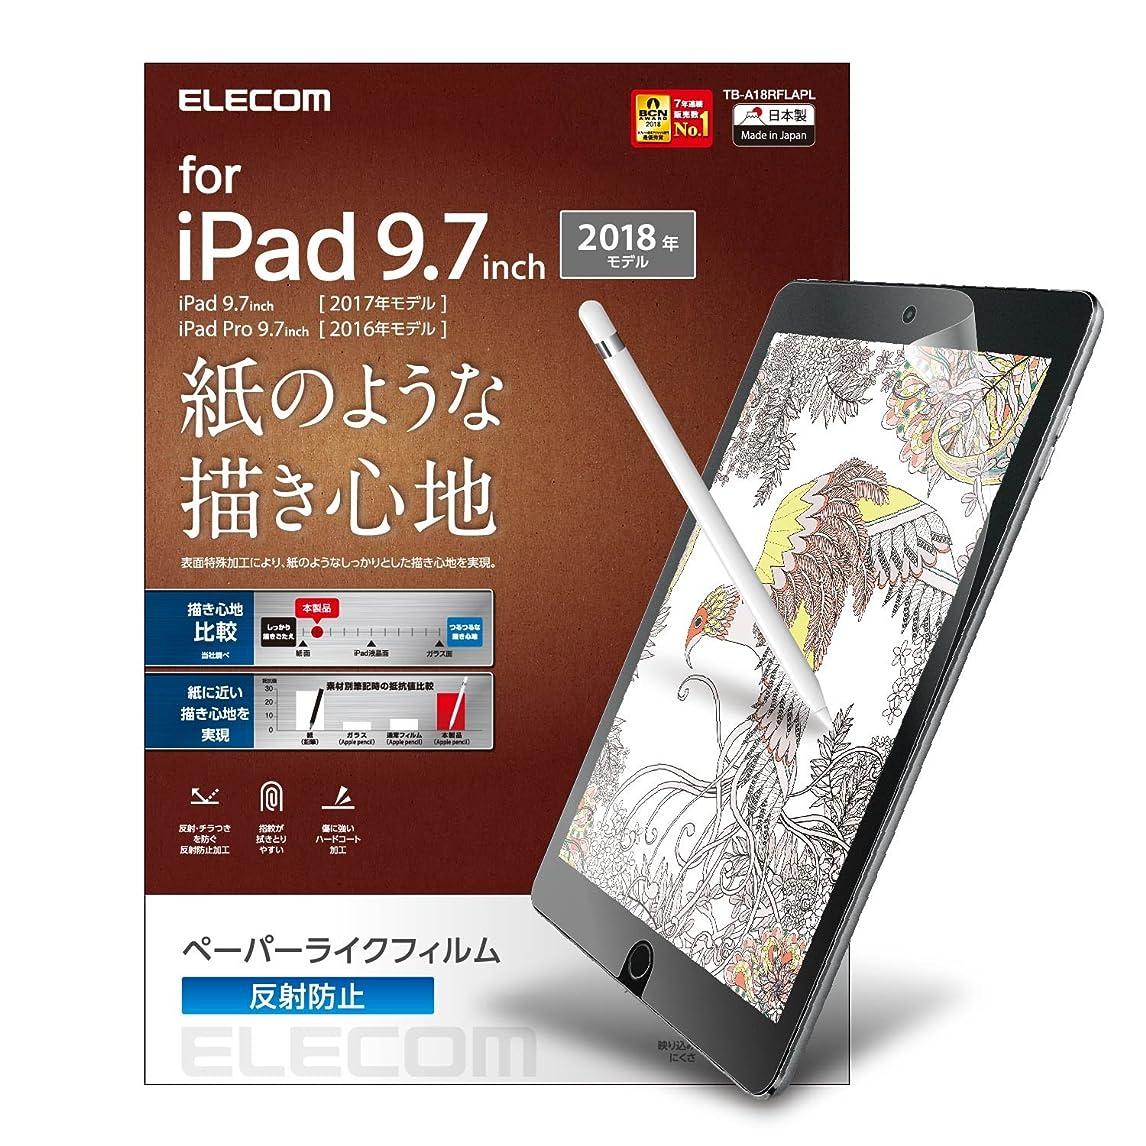 悪因子するジェムエレコム iPad 9.7 保護フィルム ペーパーライク 反射防止 TB-A18RFLAPL